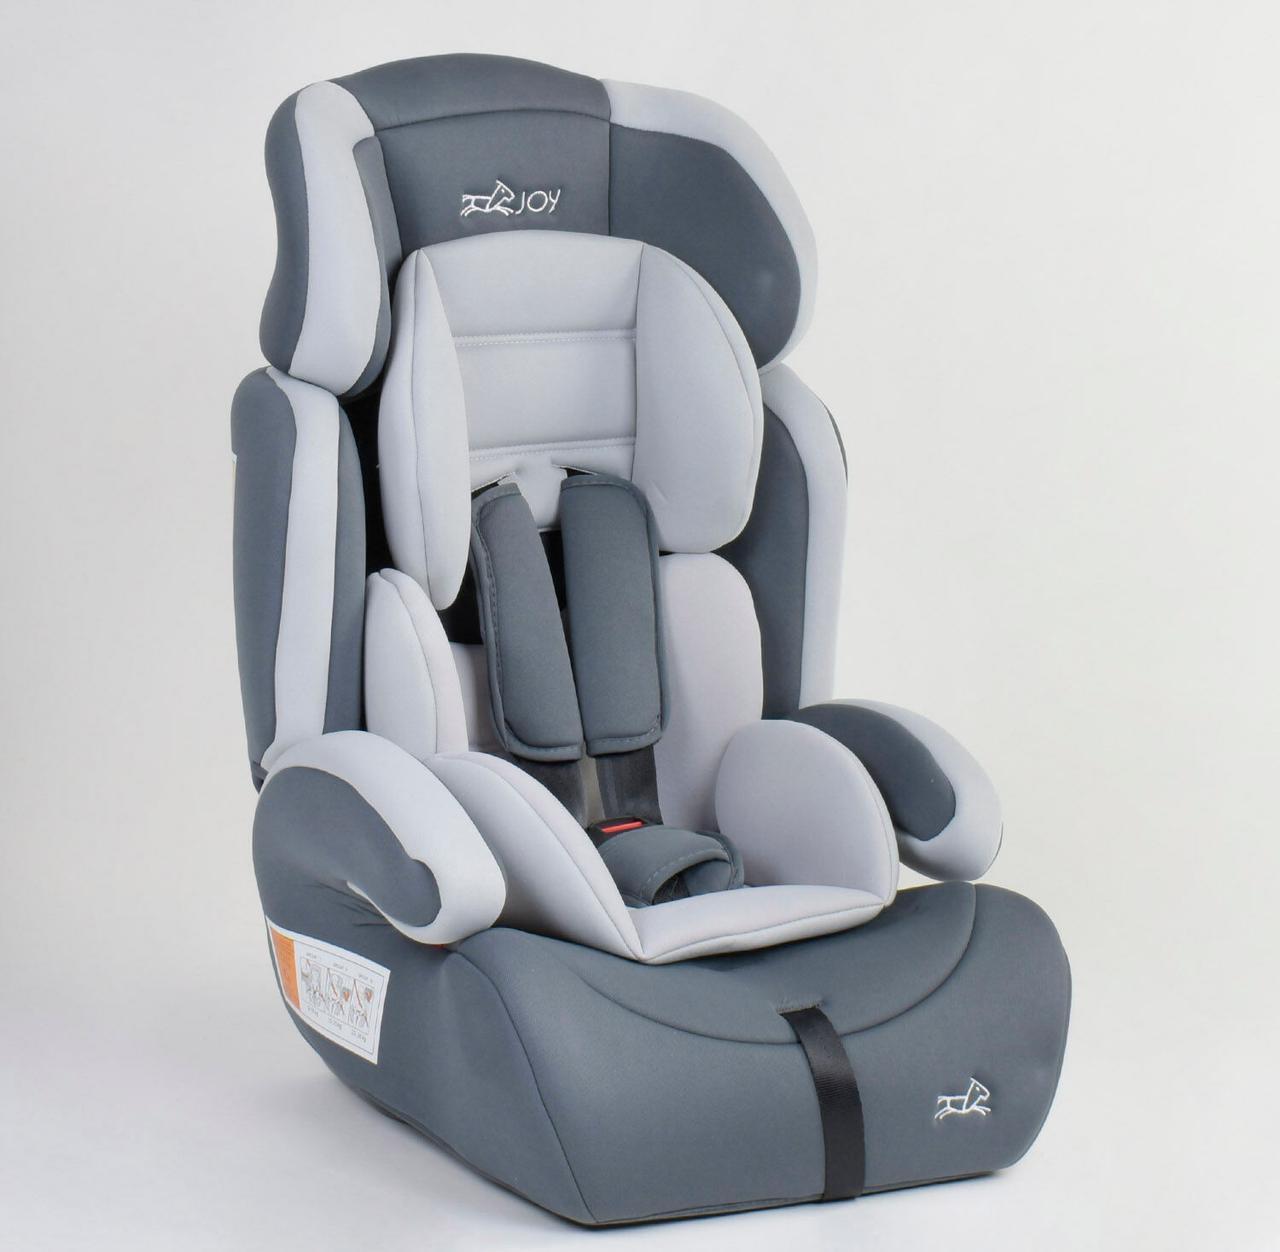 Детское автокресло JOY 59646 универсальное, группа 1/2/3, вес ребенка от 9-36 кг